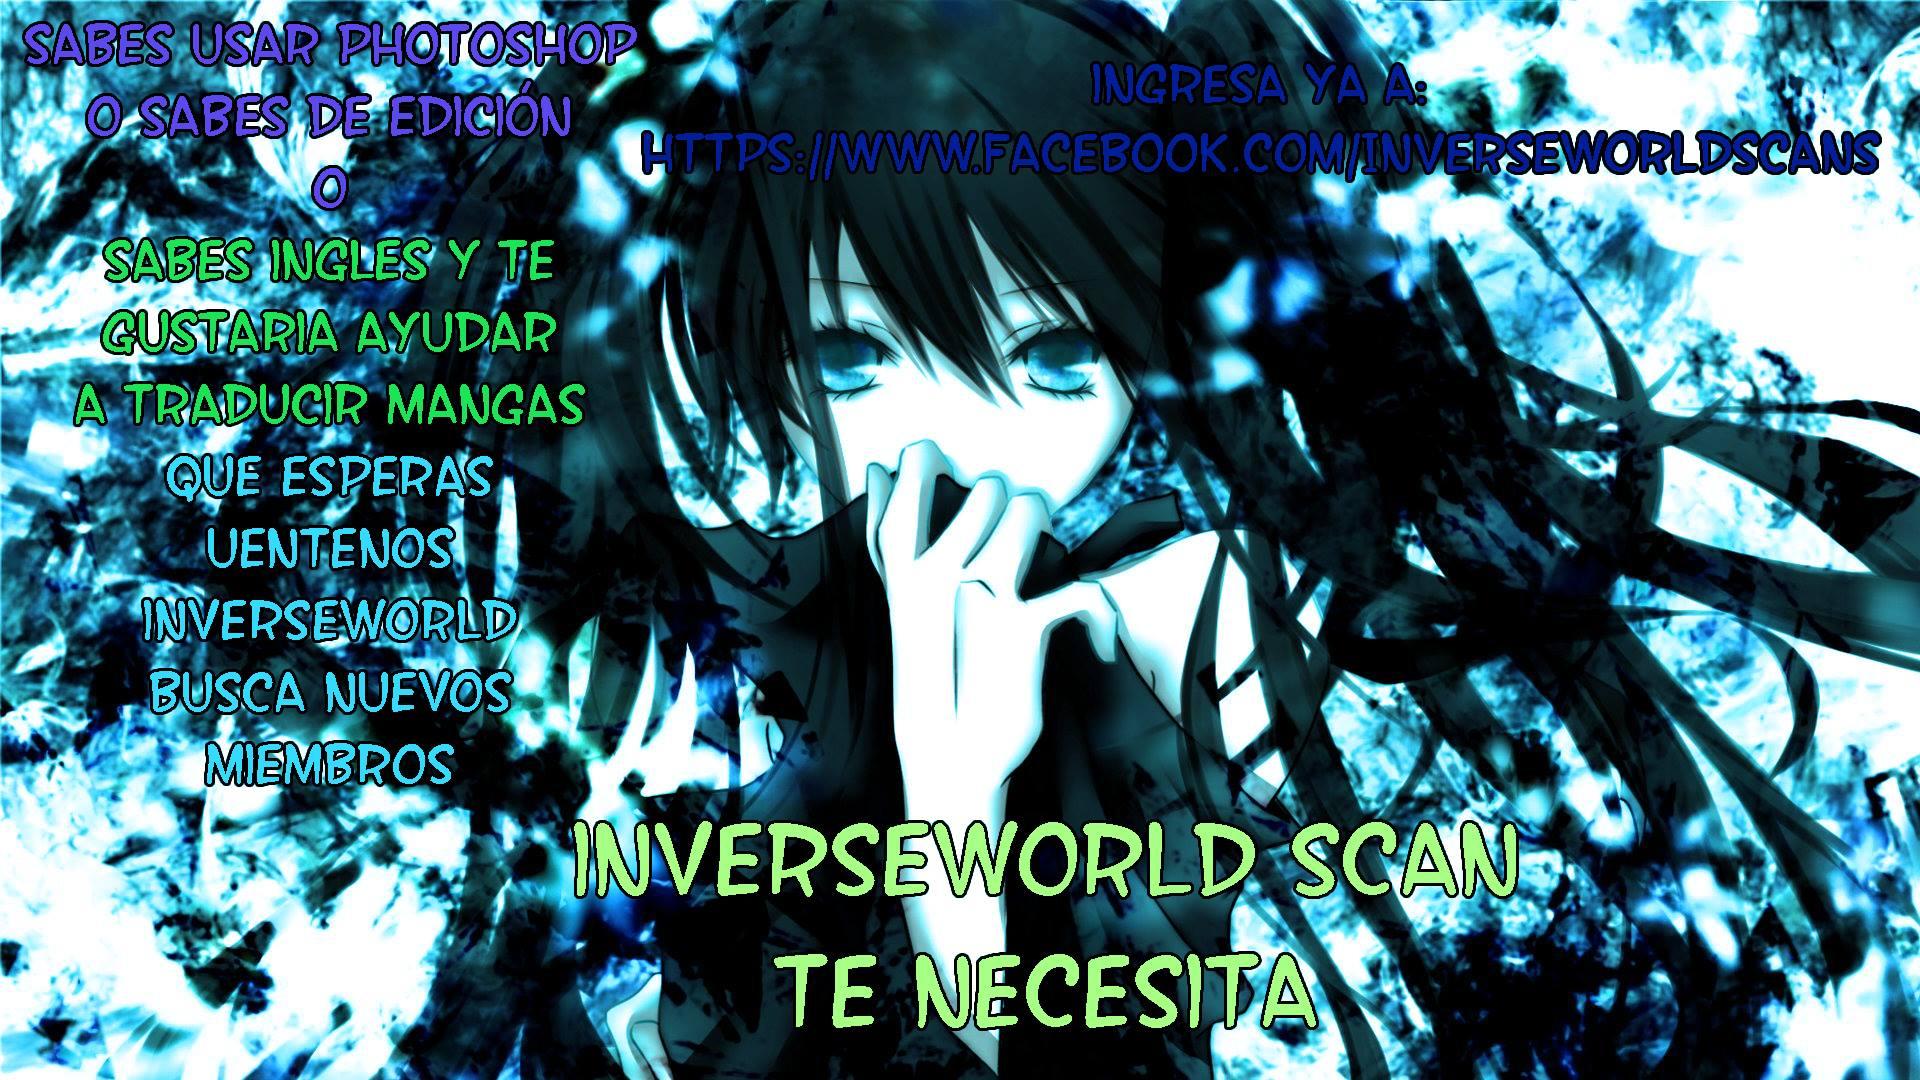 http://c5.ninemanga.com/es_manga/18/16210/391364/ec56b1b5eb1b5bad134c86600605af7d.jpg Page 2